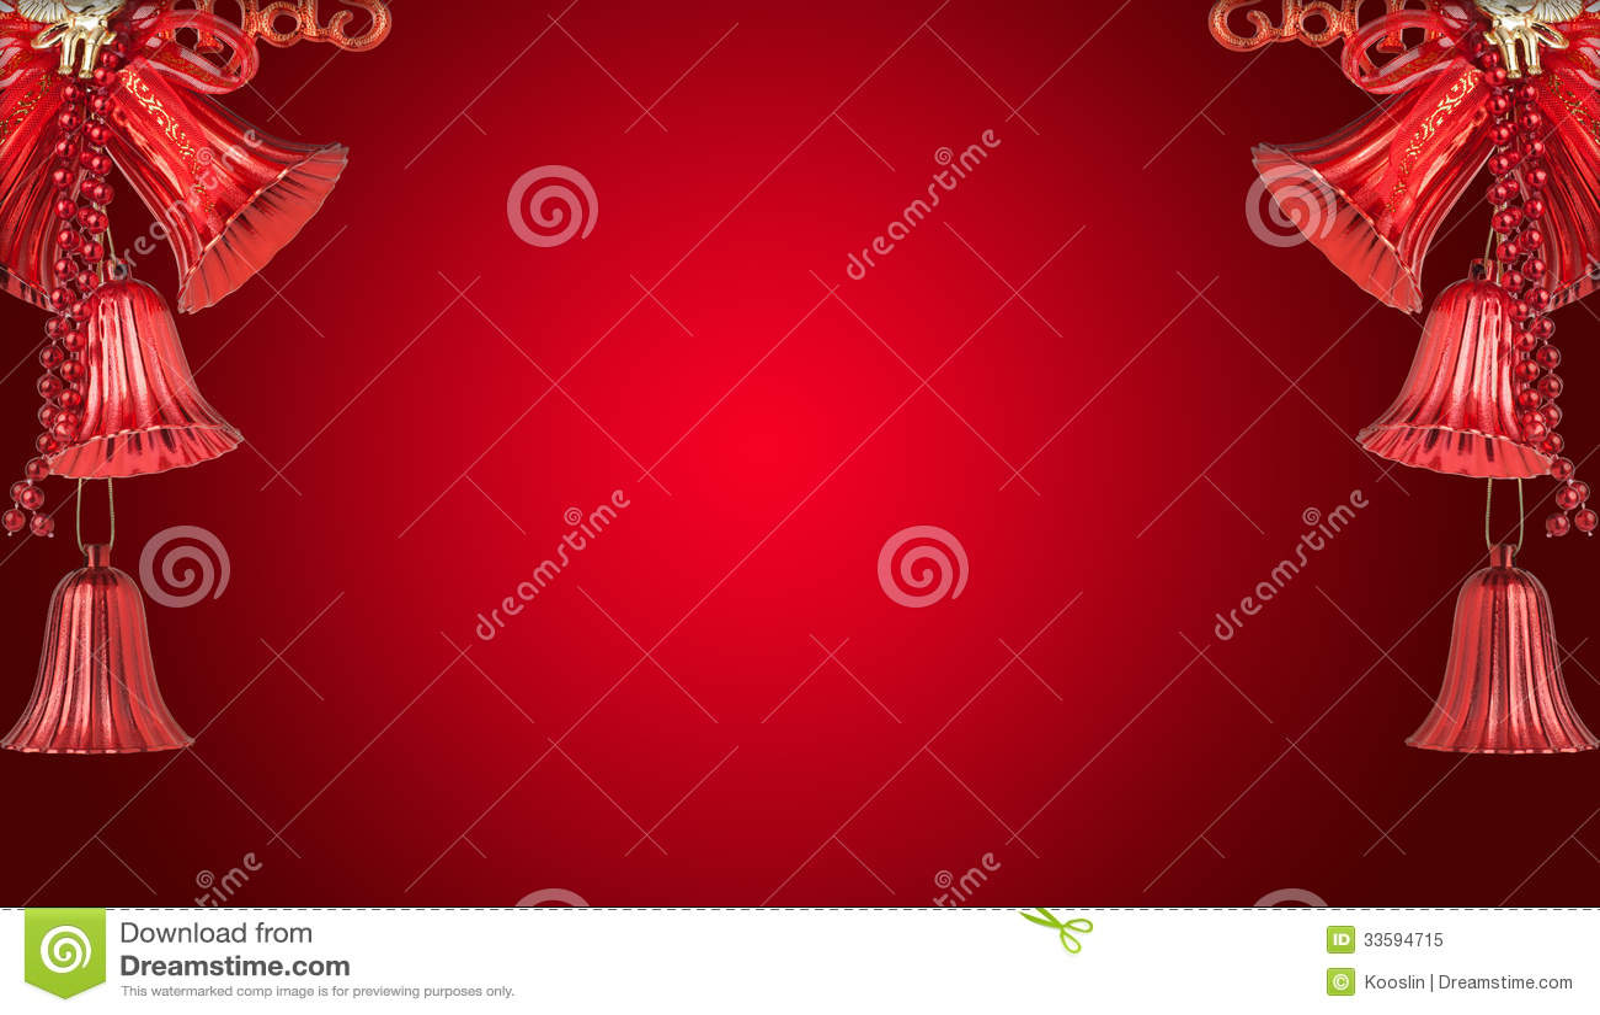 christmas celebration theme background stock image - image of